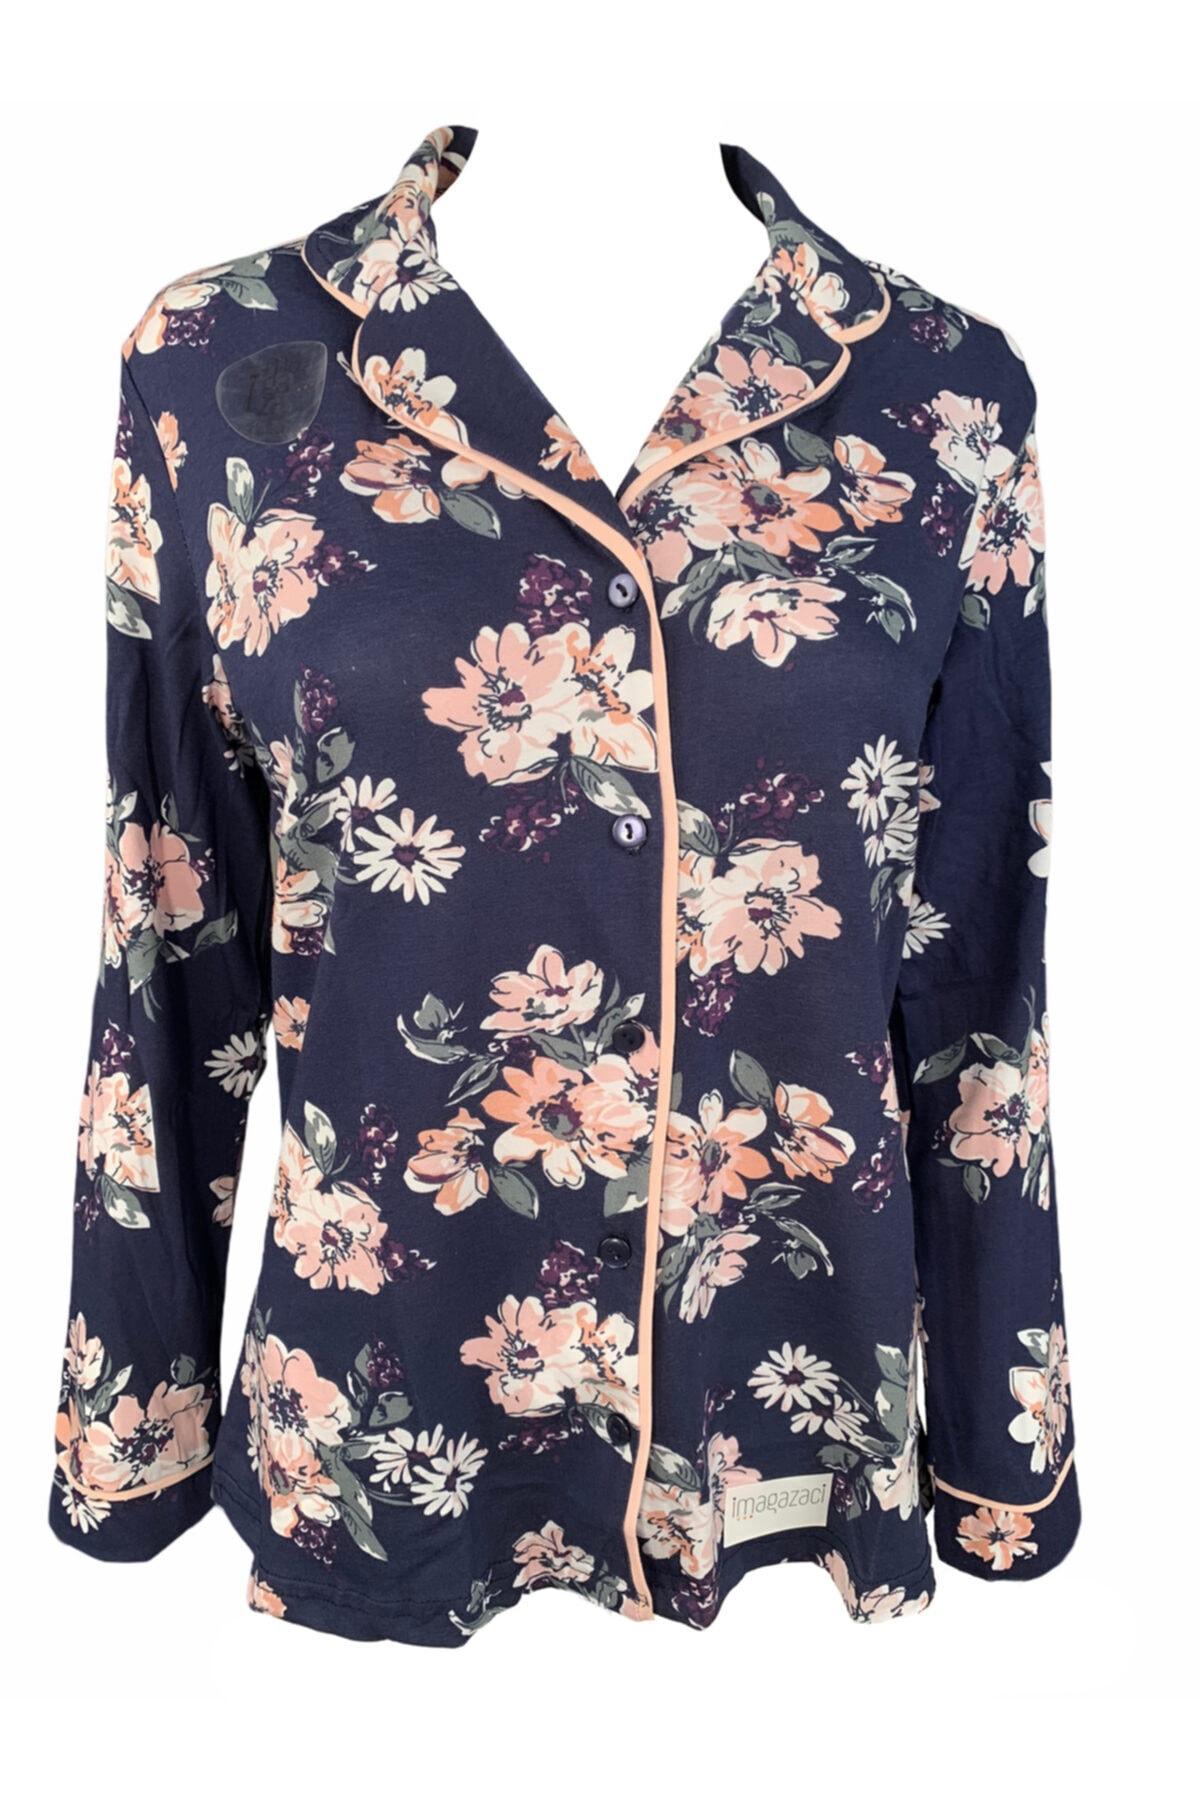 Koza Kadın Mavi Pamuklu Pijama Takımı 2